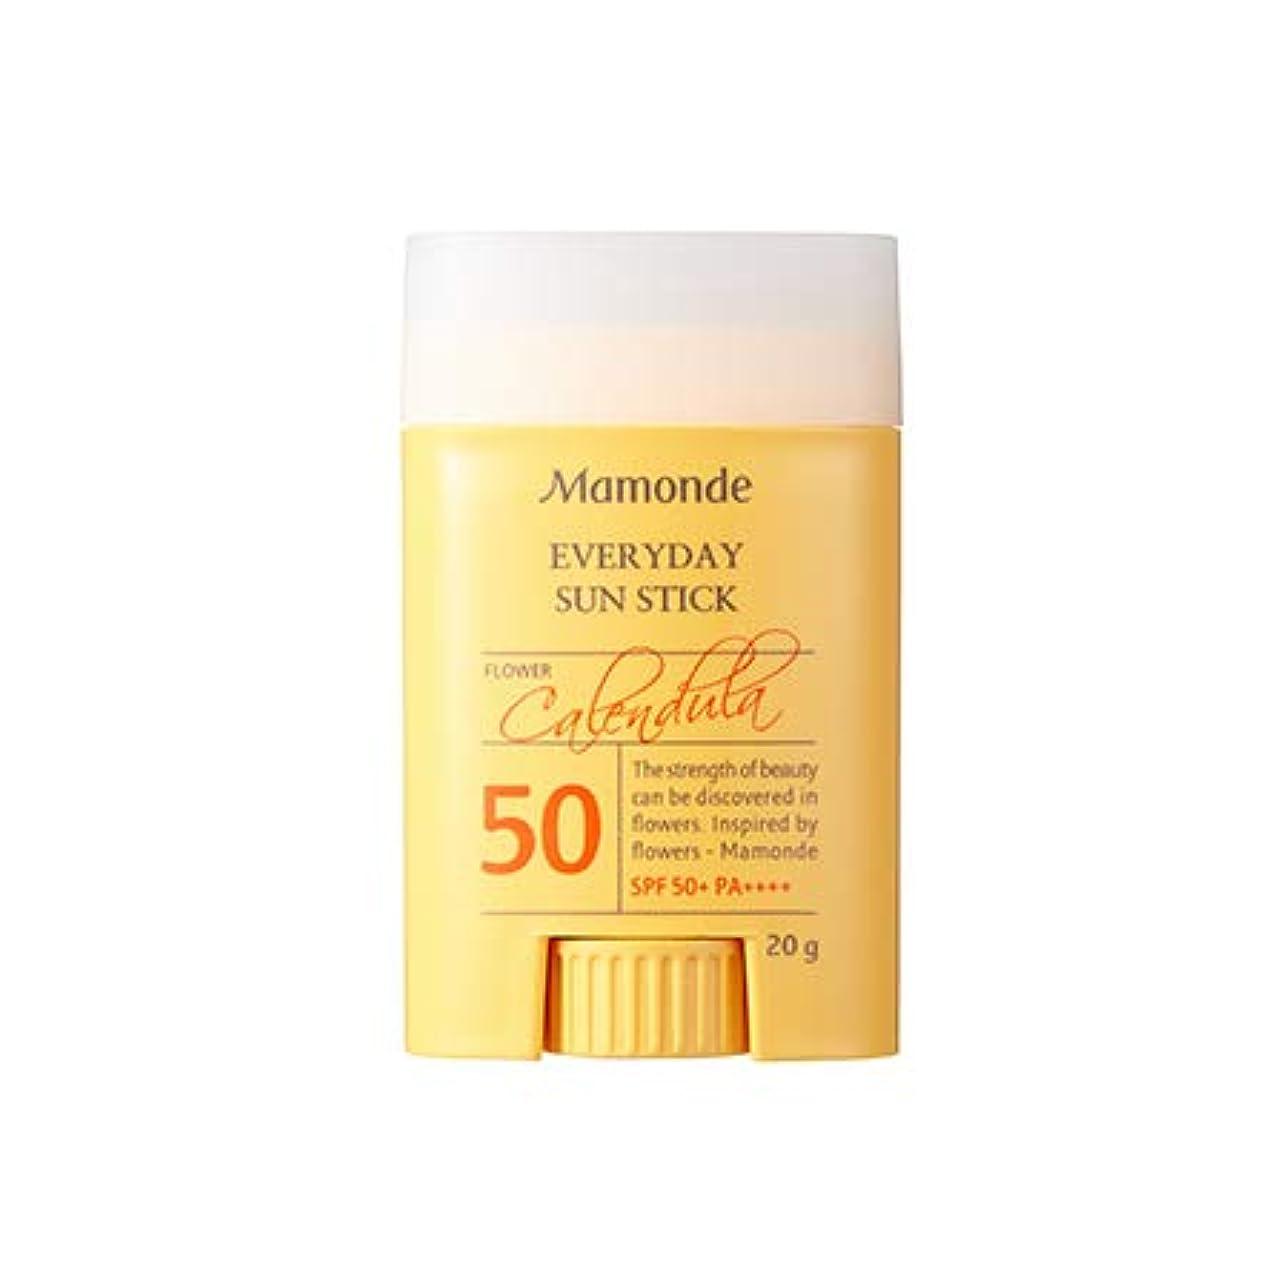 シャッフルはずログMamonde Everyday Sun Stick 20g マモンド エブリデーサンスティック (SPF50+/PA++++) [並行輸入品]